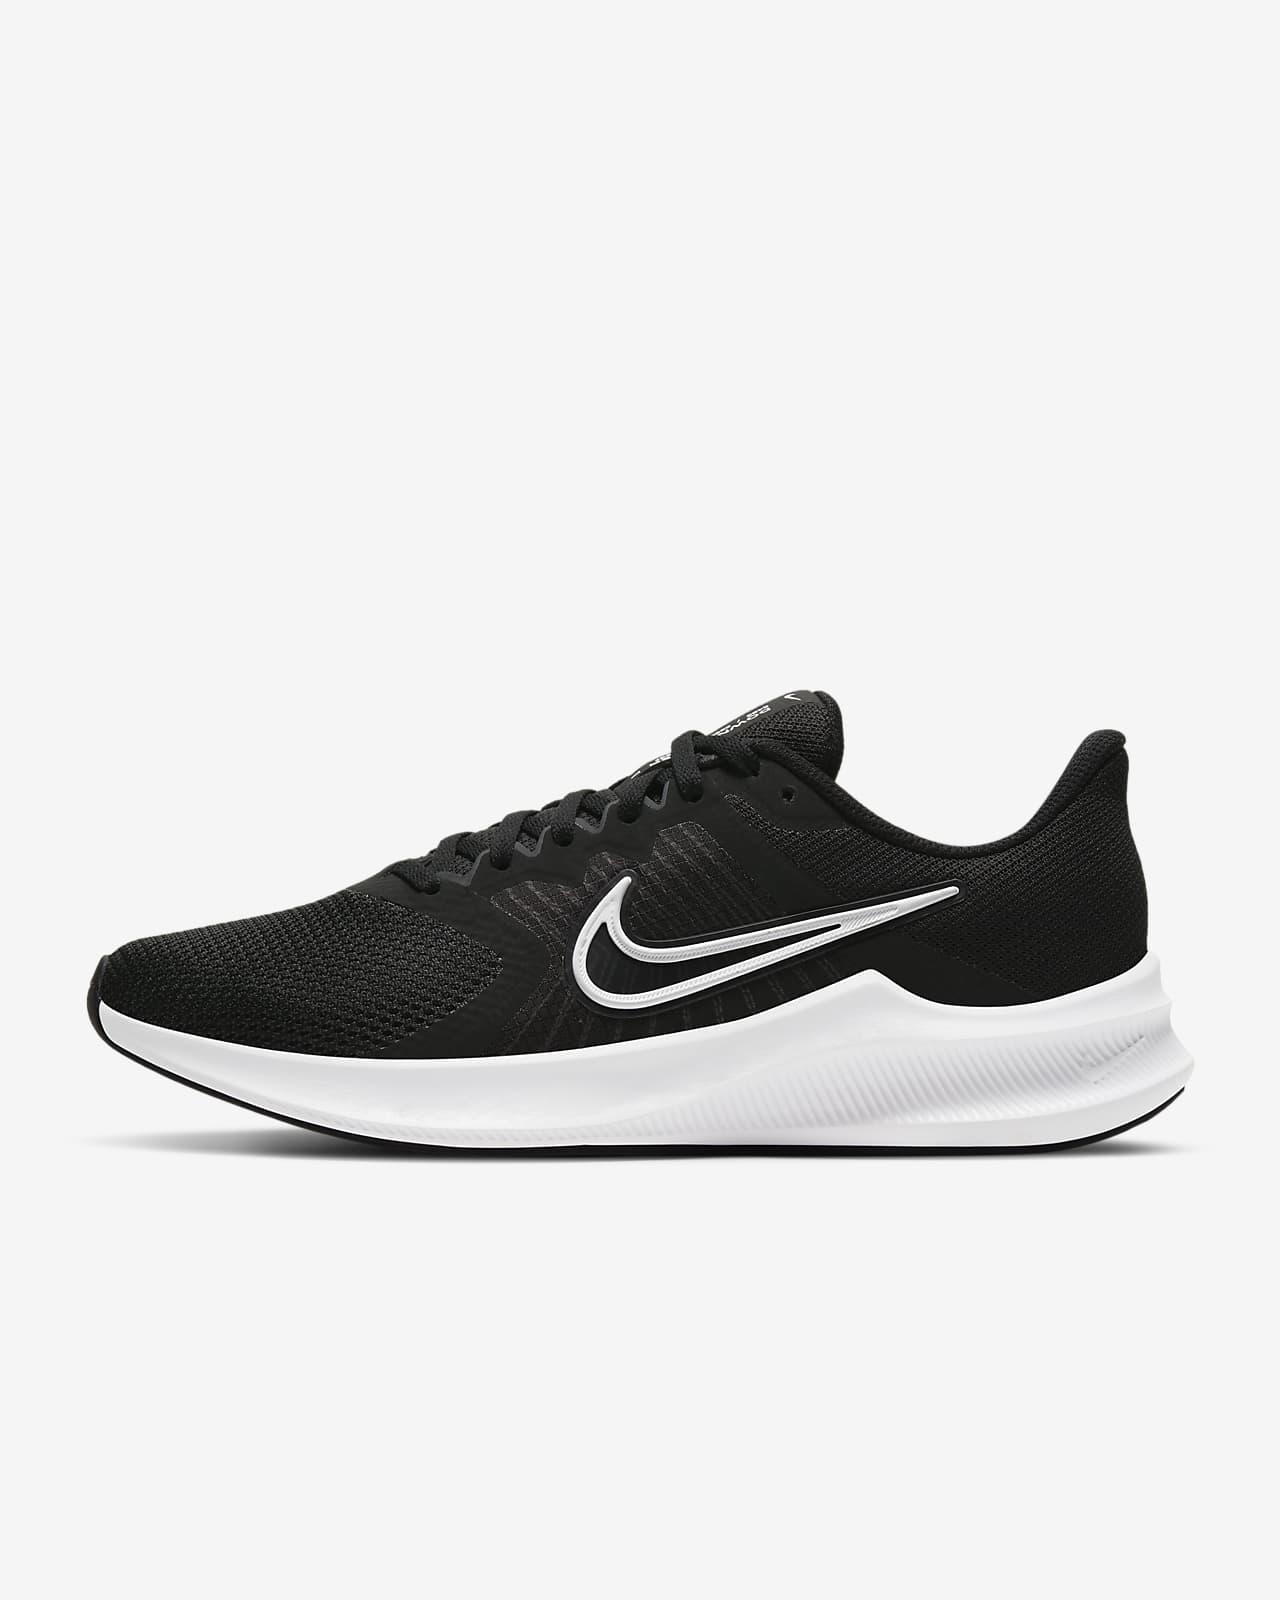 Dámská běžecká bota Nike Downshifter 11